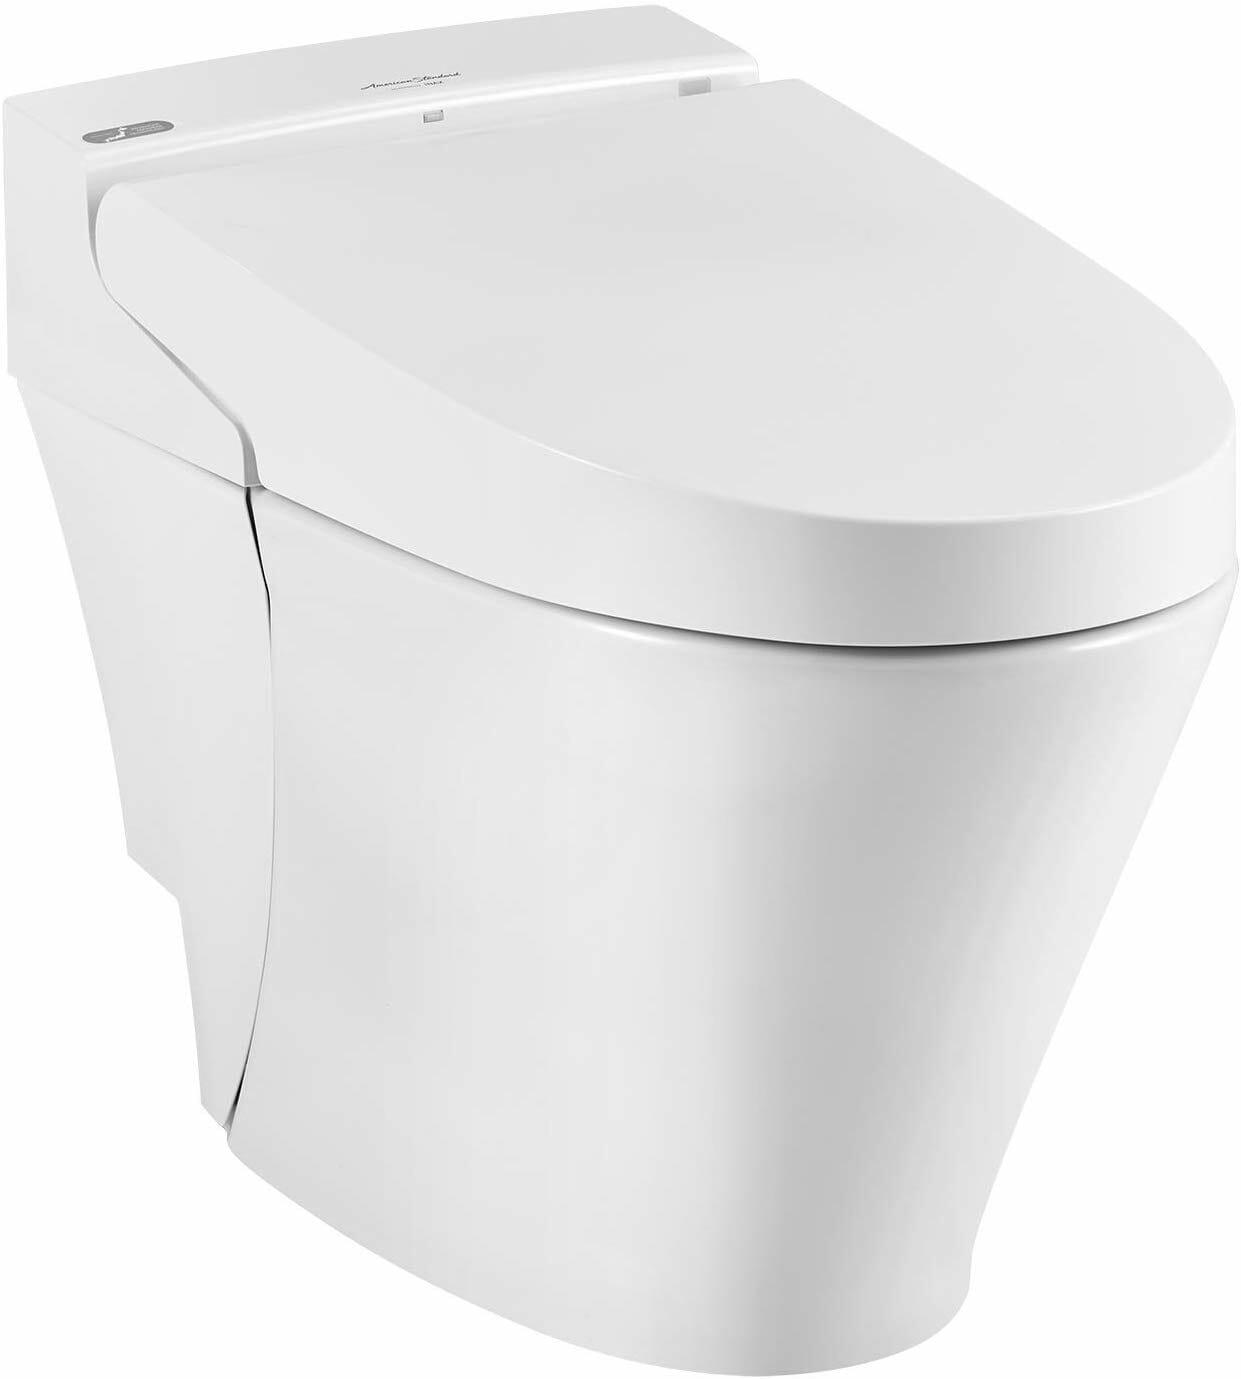 American Standard SpaLet Toilet